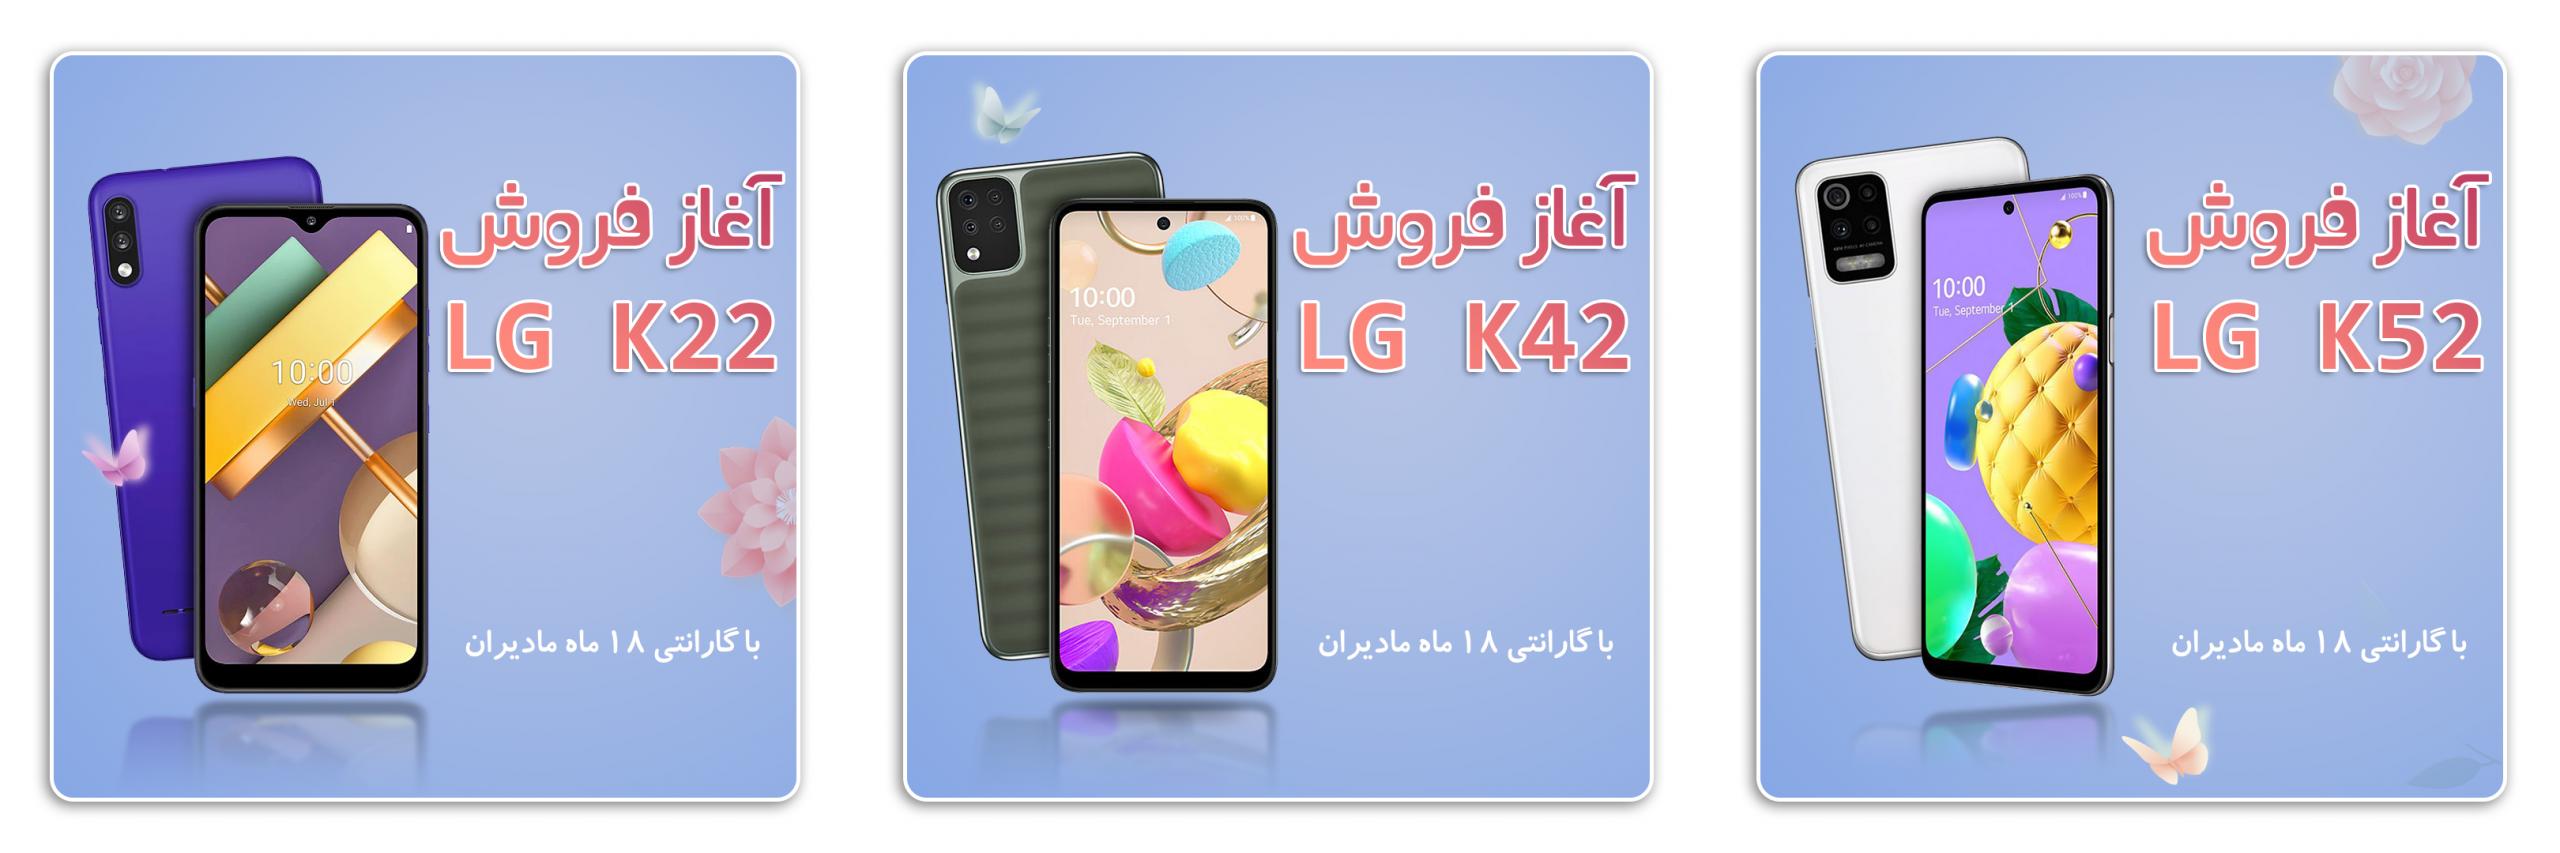 خرید گوشی K52 , K42 وK22 ال جی